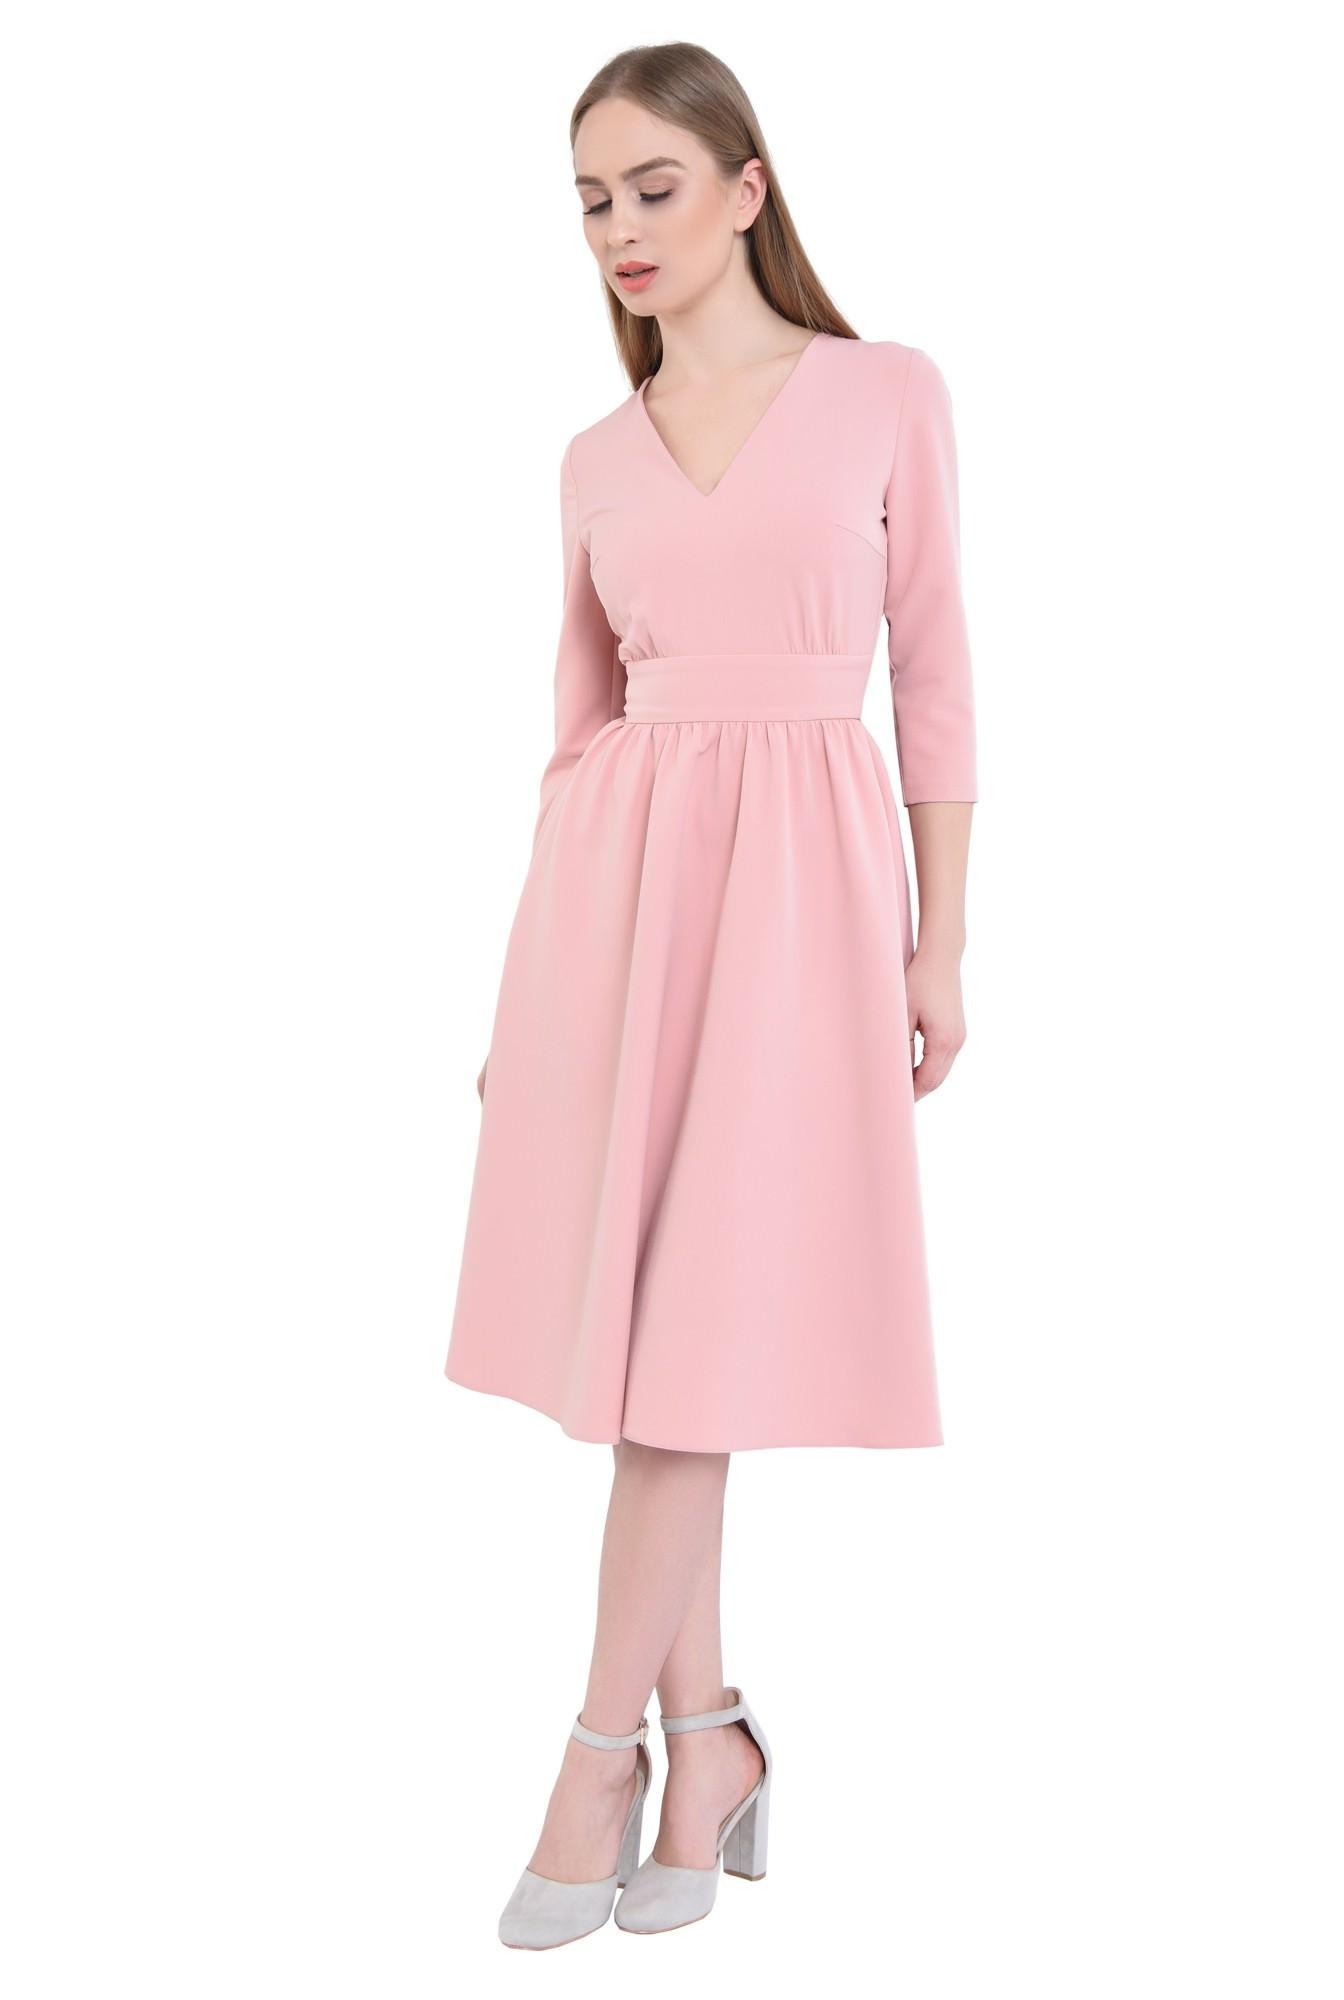 3 - 360 - Rochie casual roz, midi